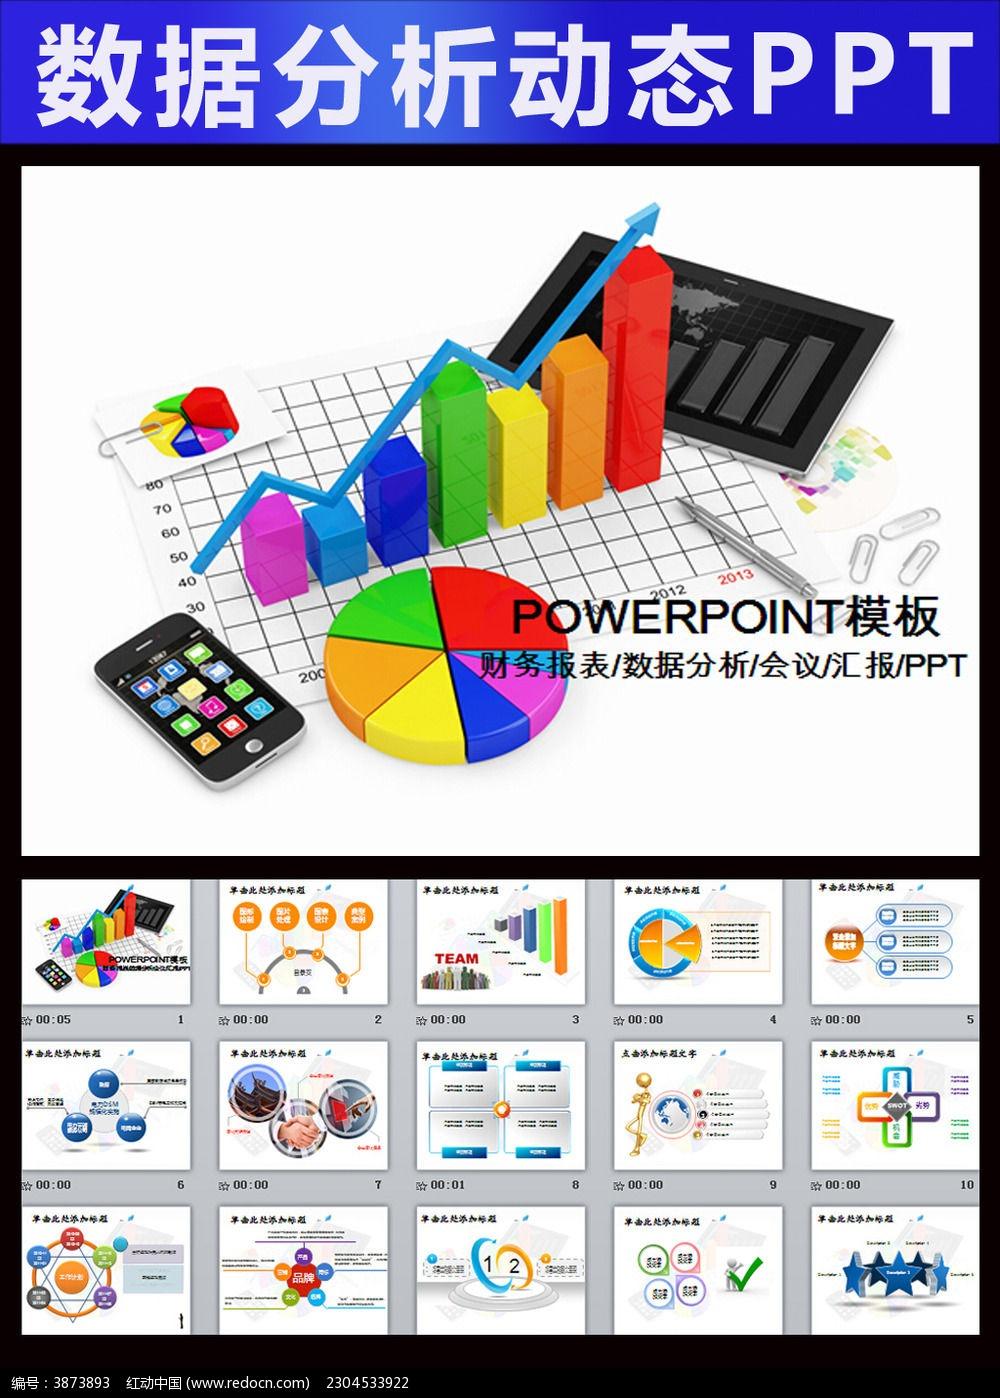 调研报告 PPT PPT模板 PPT图表 动态PPT 财务报告 销售 统计 数据